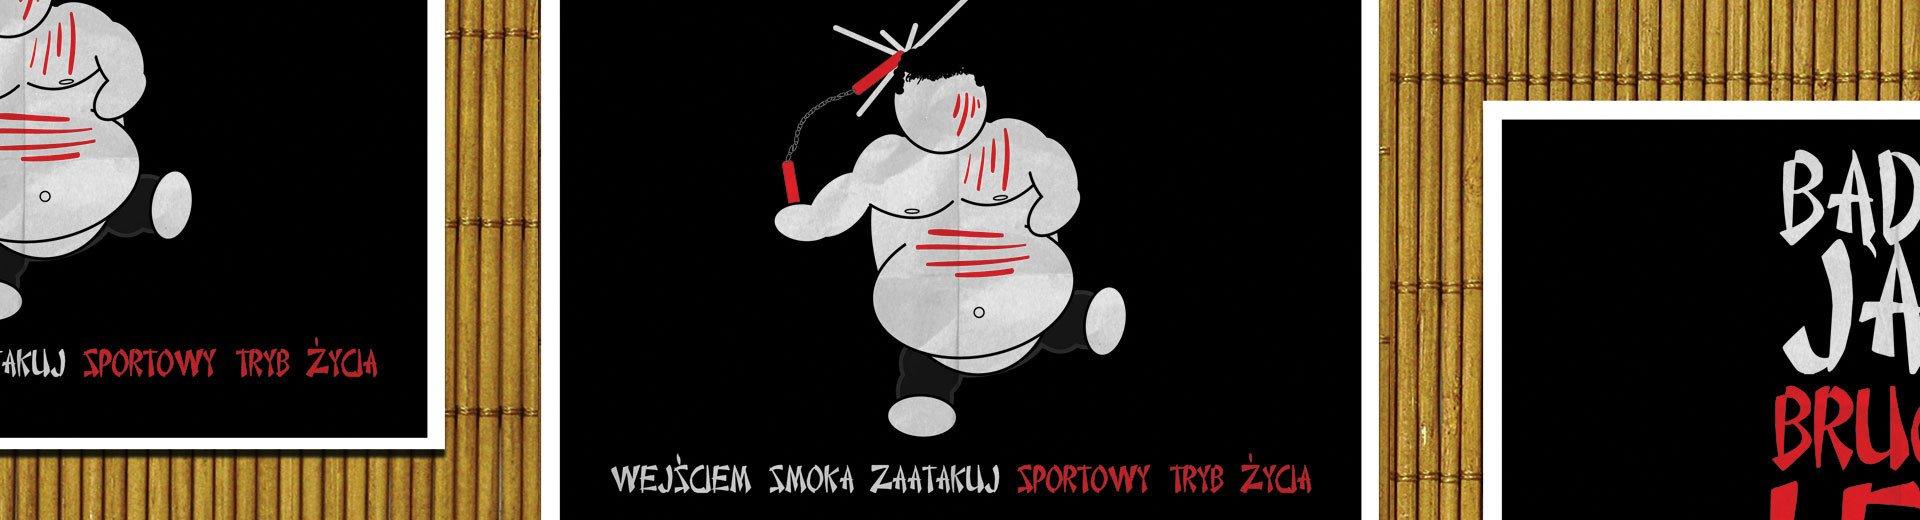 Okładka artykułu Plakat promujący sztuki walki — W programie Photoshop